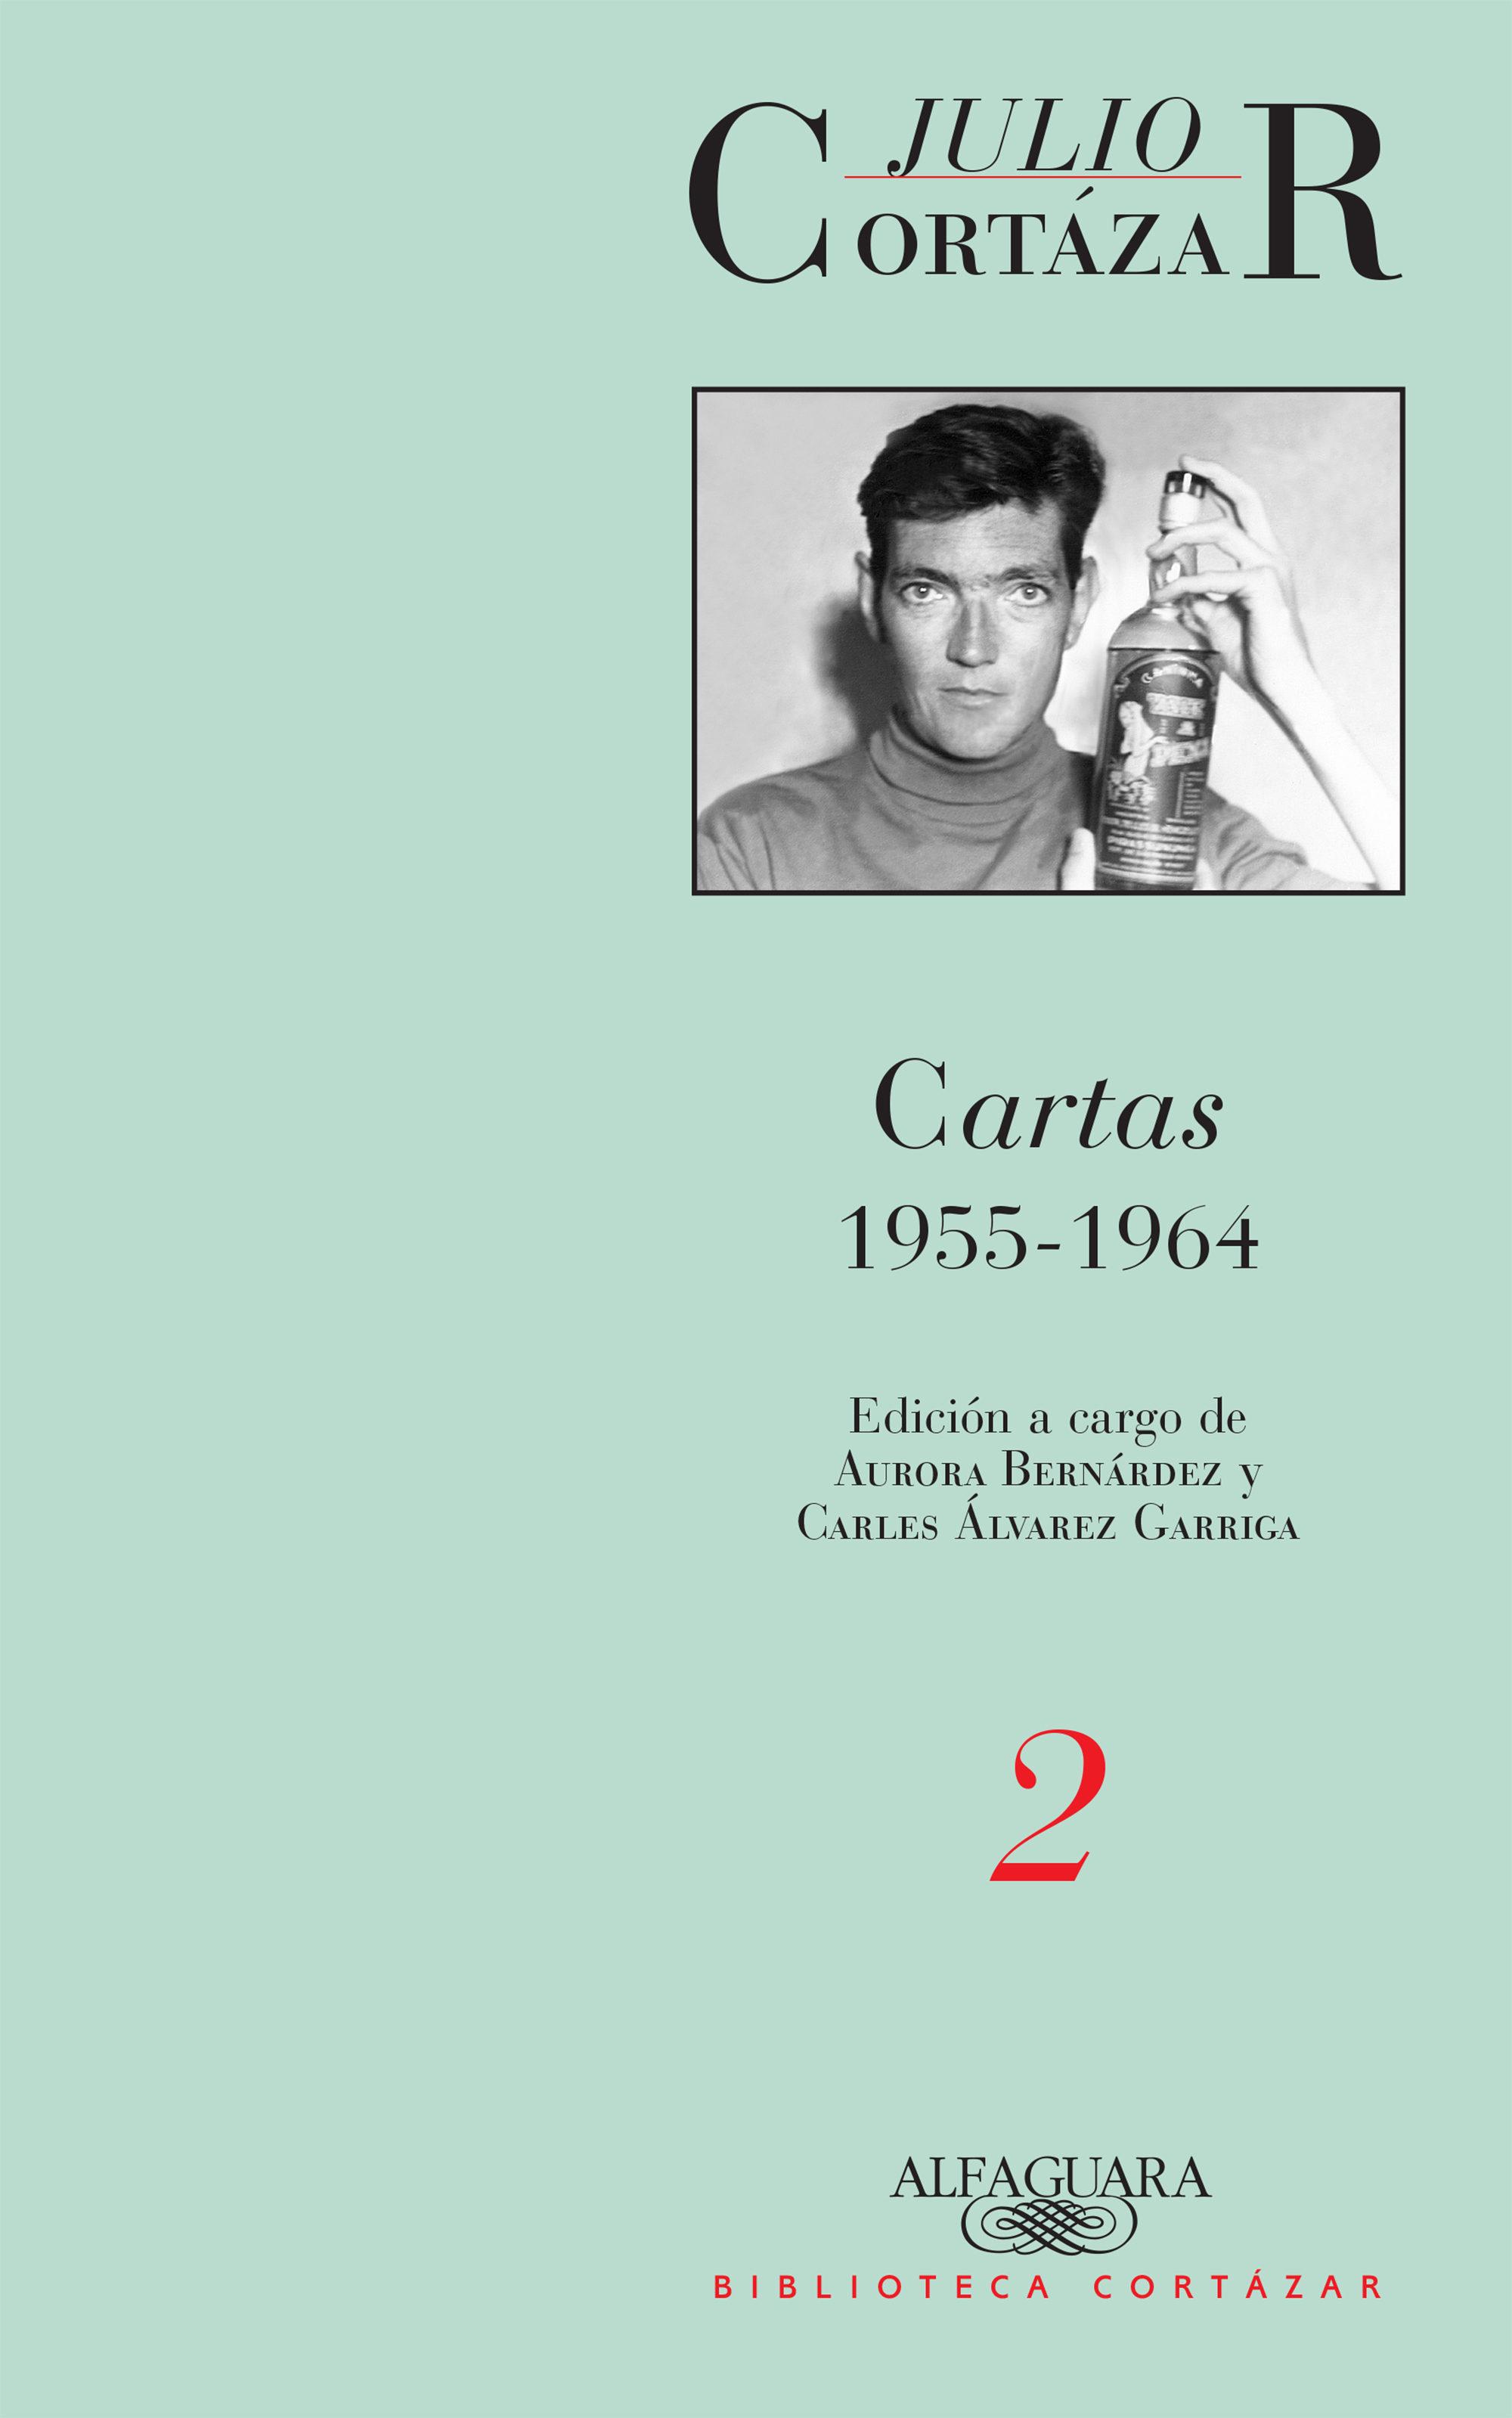 Cartas 1955-1964 (tomo 2)   por Julio Cortazar